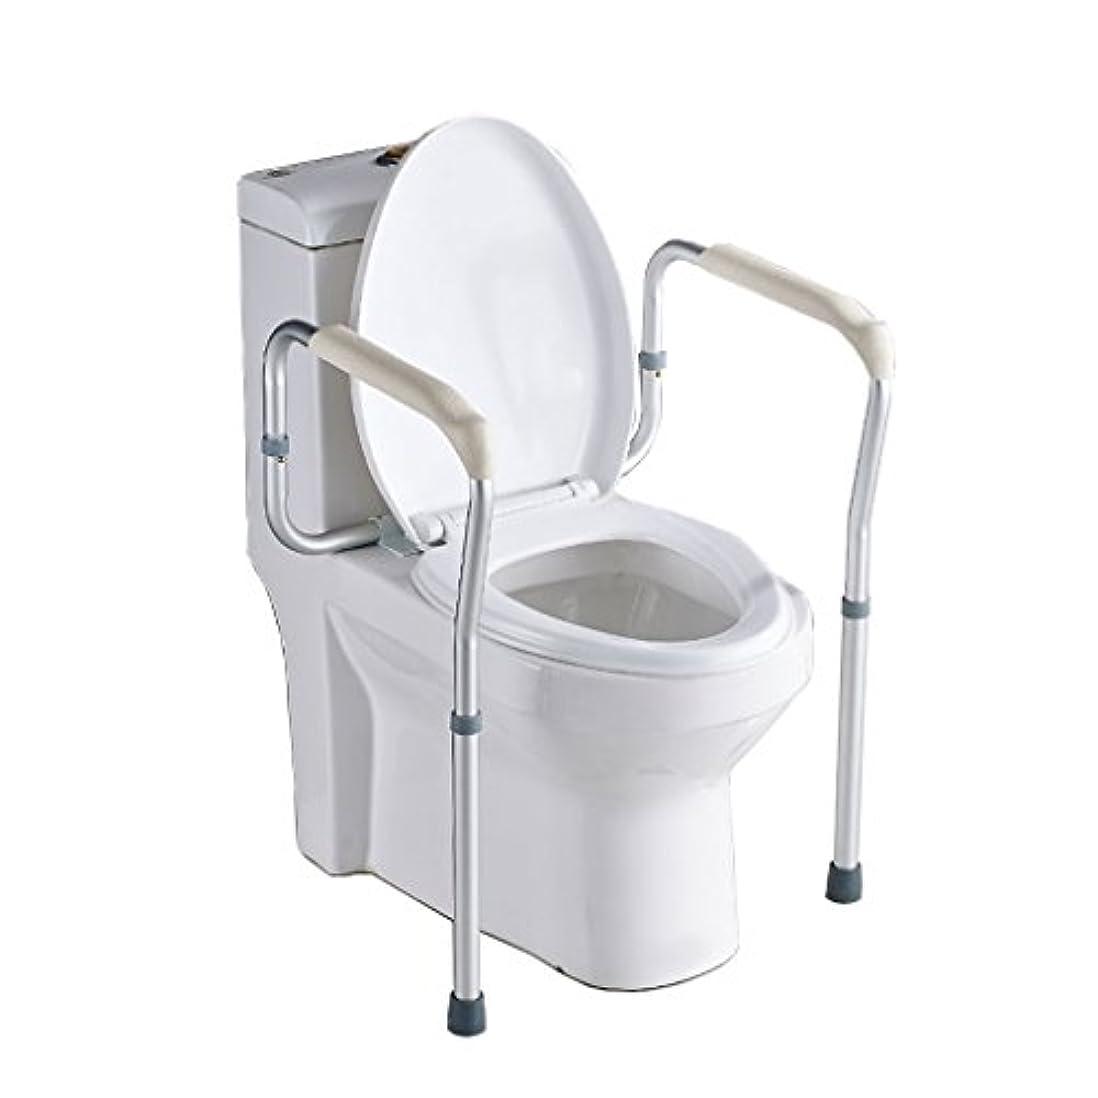 汚いロマンススーパーマーケット安全スリップ耐性高齢者障害者用便器公共トイレ便器手すりシャワー補助および安全サポート手すり安全/ノンスリップ/バリアフリー